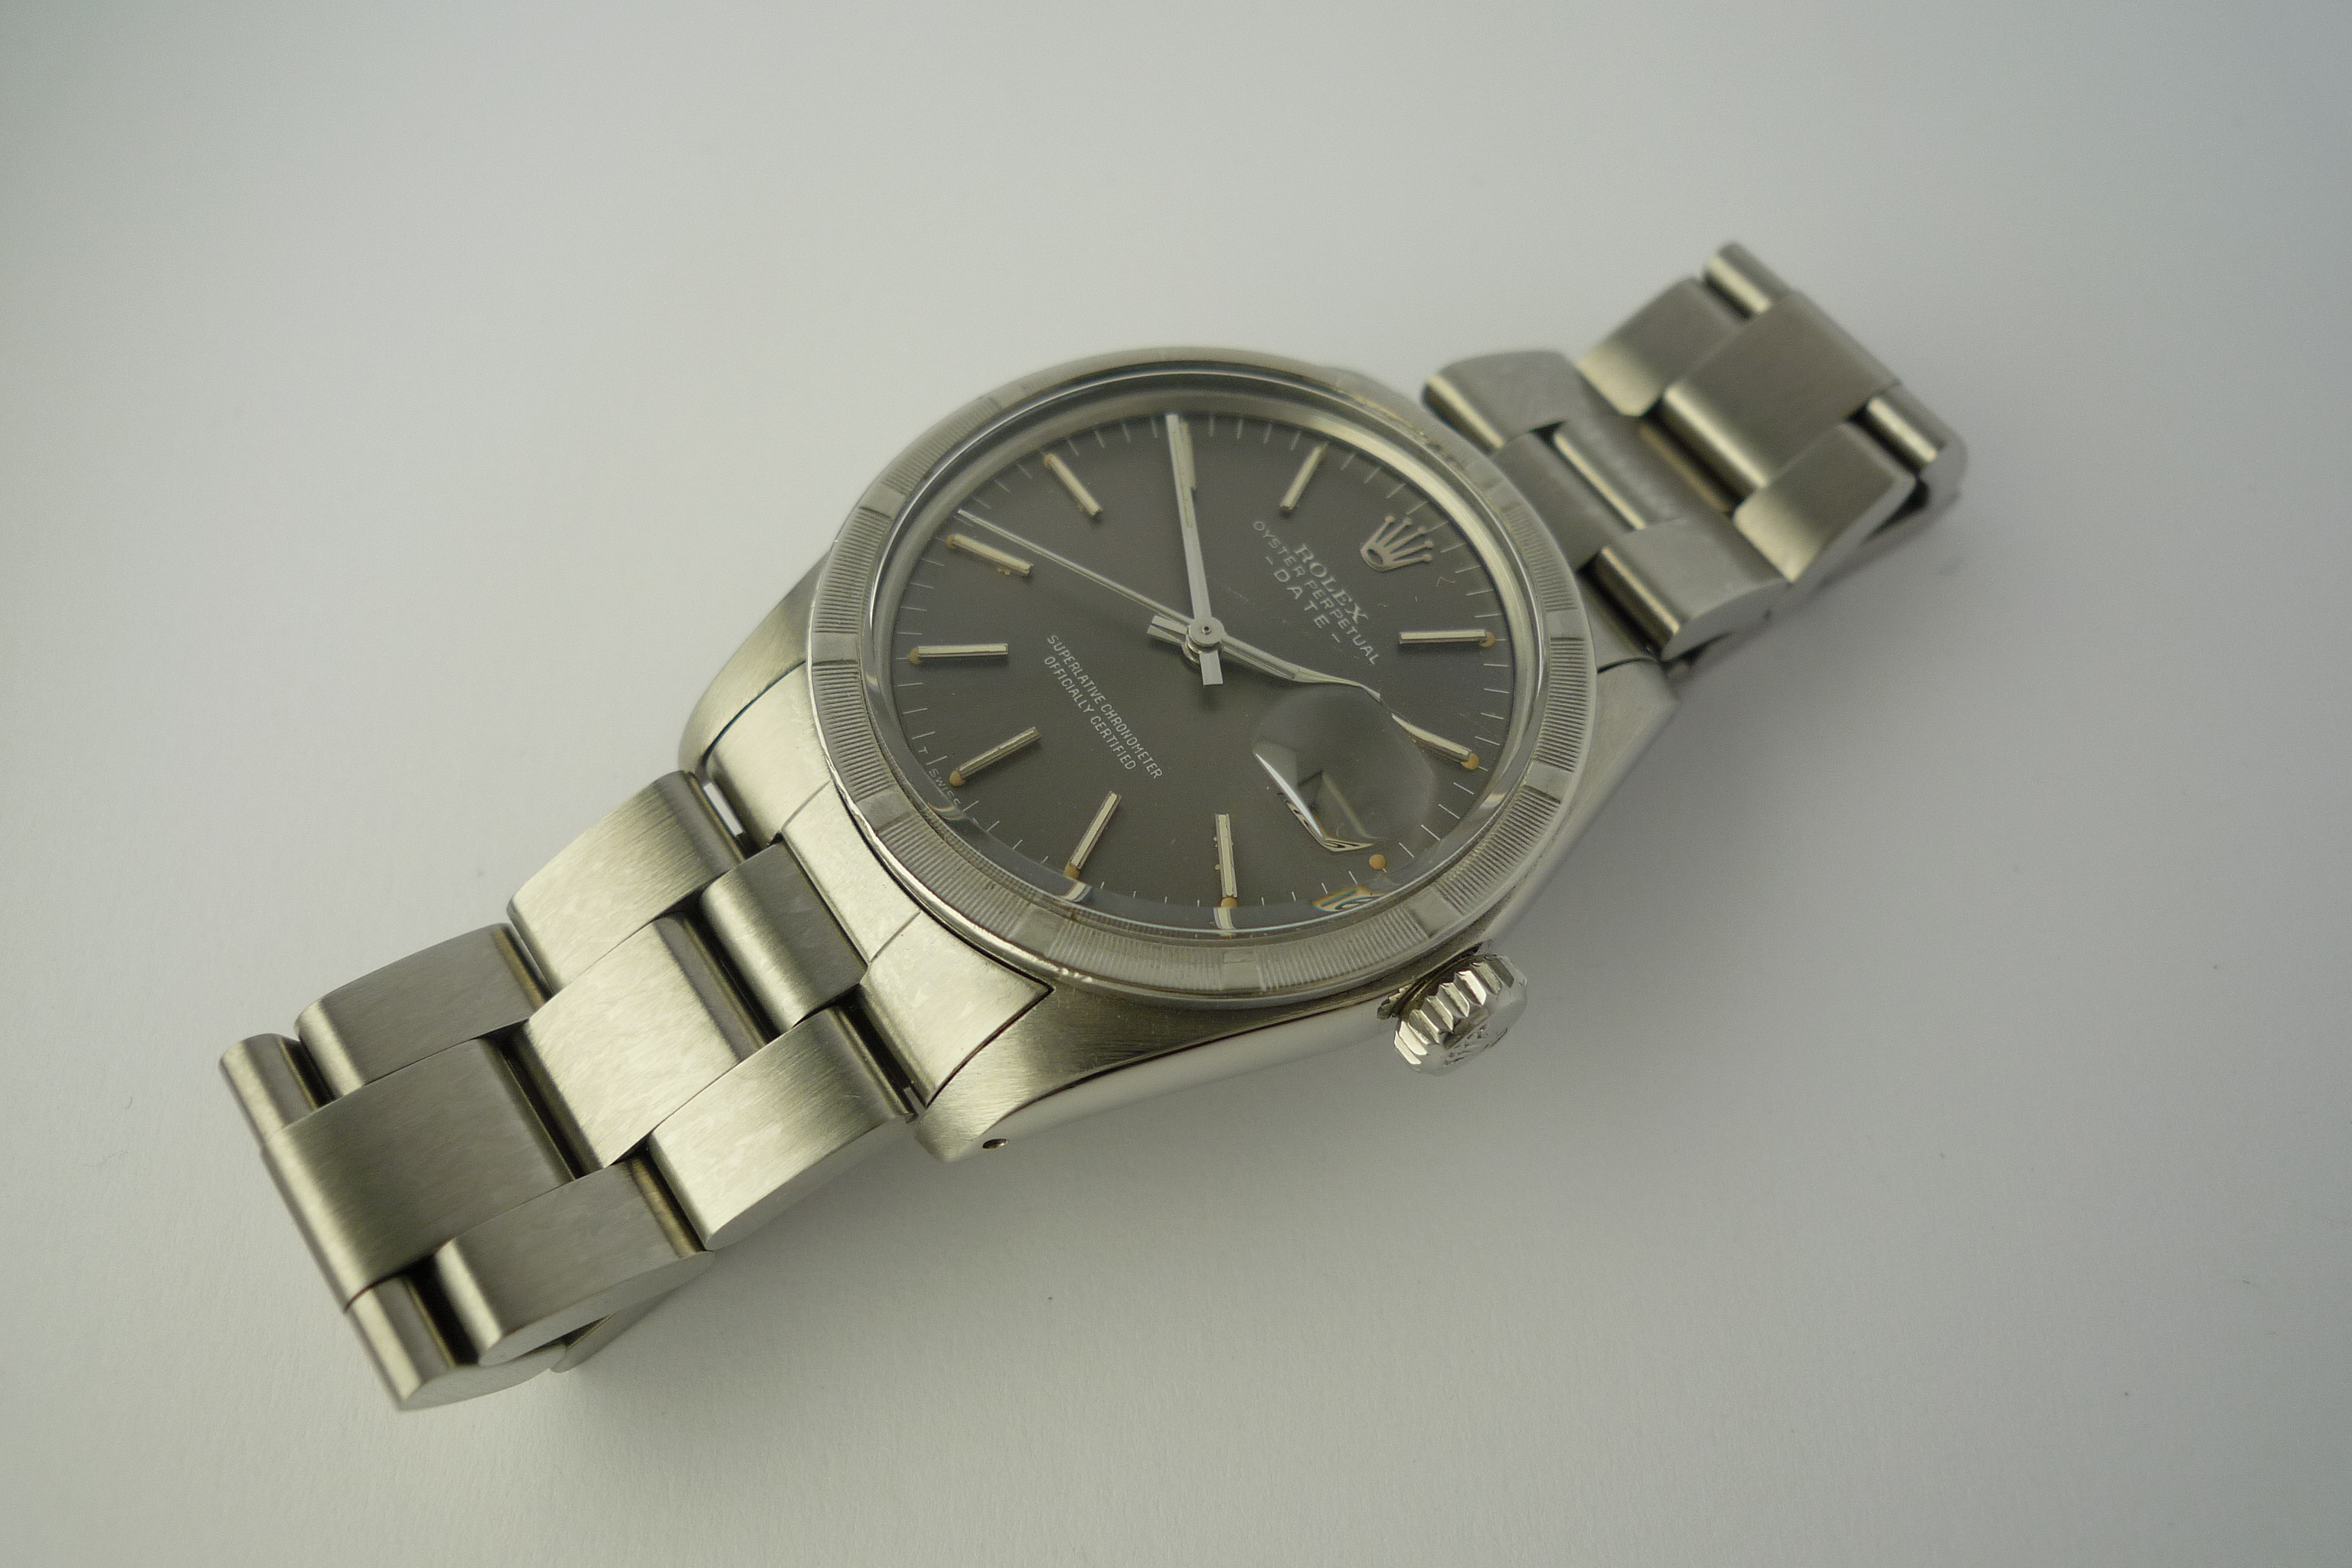 Rolex Oyster Perpetual Date ref 1501 (1977).